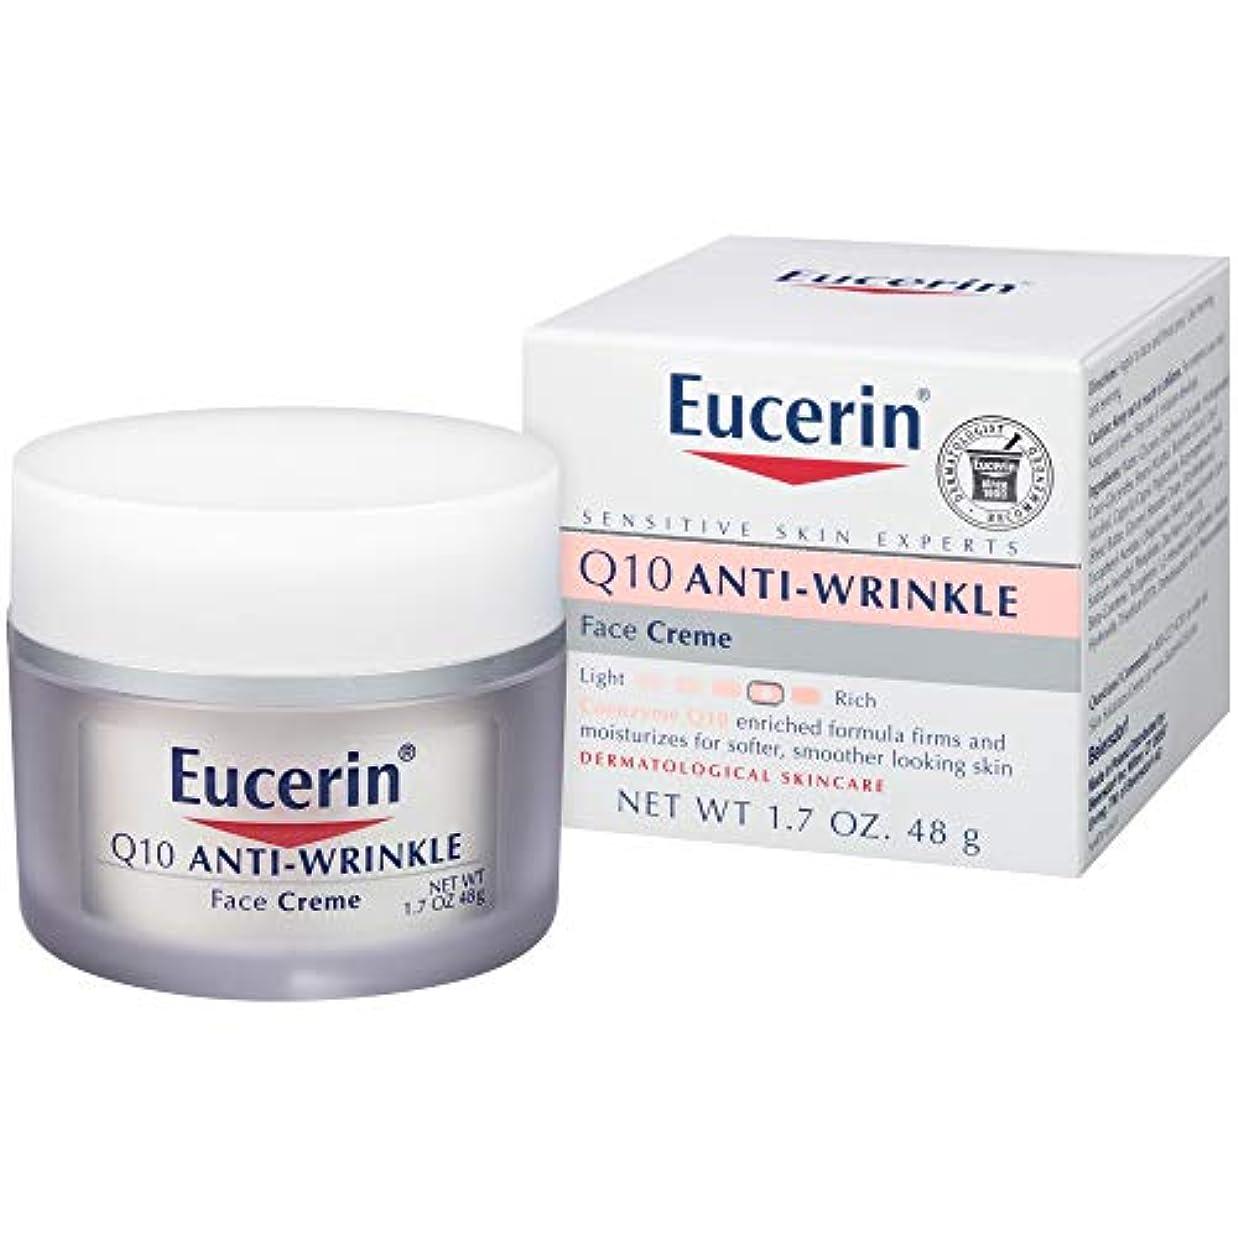 表面ランチョン手綱Eucerin Sensitive Facial Skin Q10 Anti-Wrinkle Sensitive Skin Creme 48g (並行輸入品)